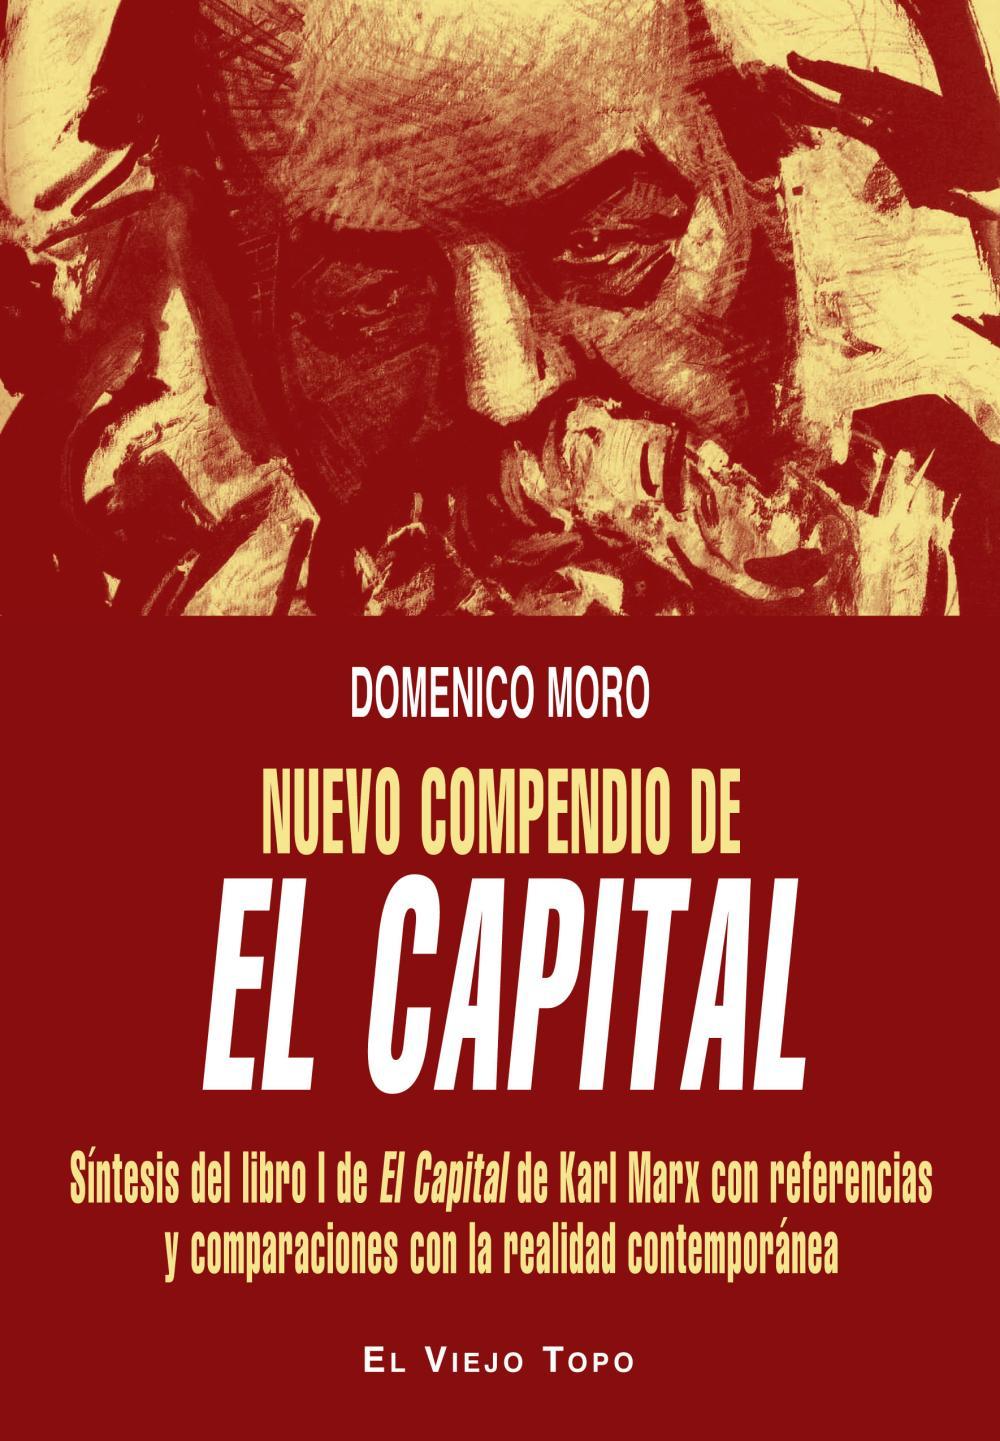 Nuevo compendio de El Capital